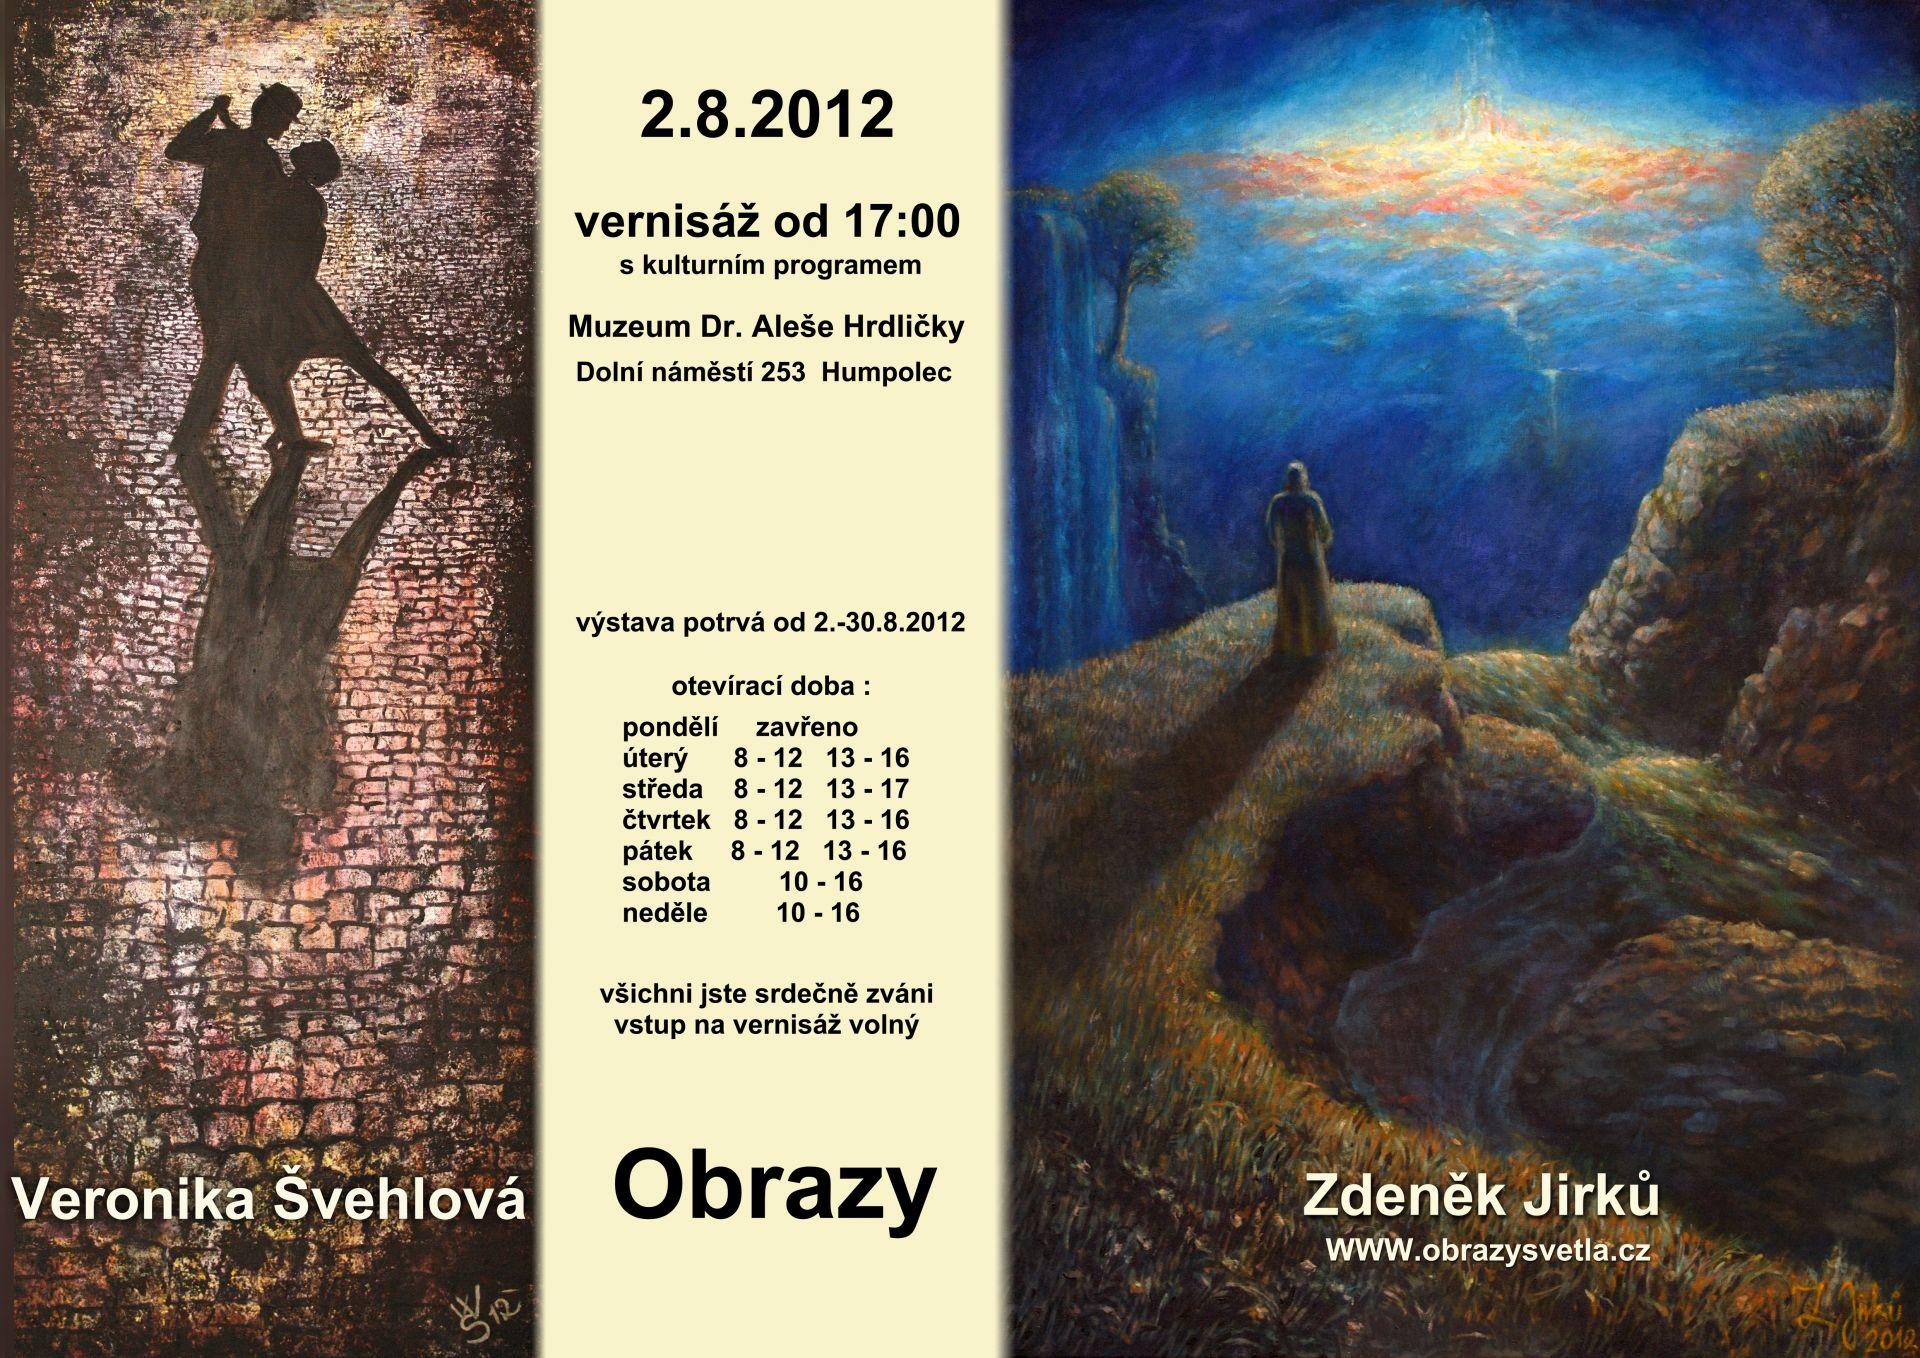 Obrazy - Zdeněk Jirků, Veronika Švehlová